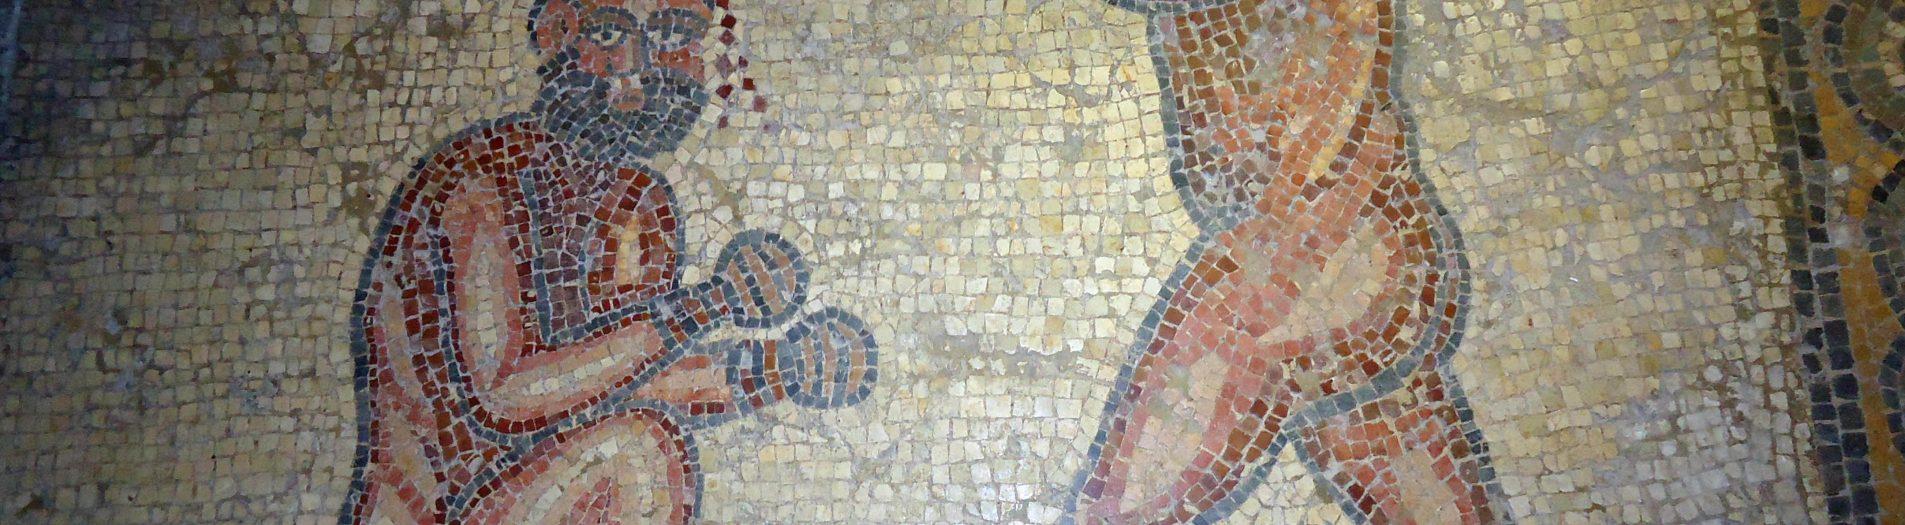 Les jeux athlétiques et le pugilat dans la mosaïque romaine en Tunisie